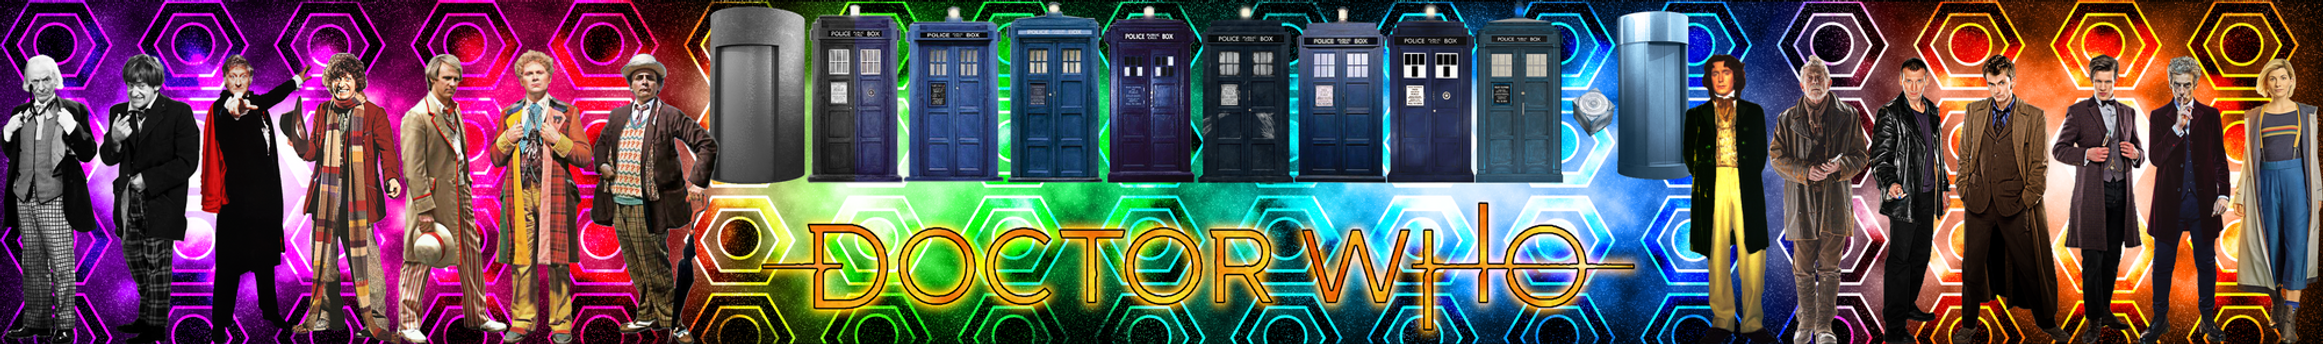 Doctors Universe by vvjosephvv